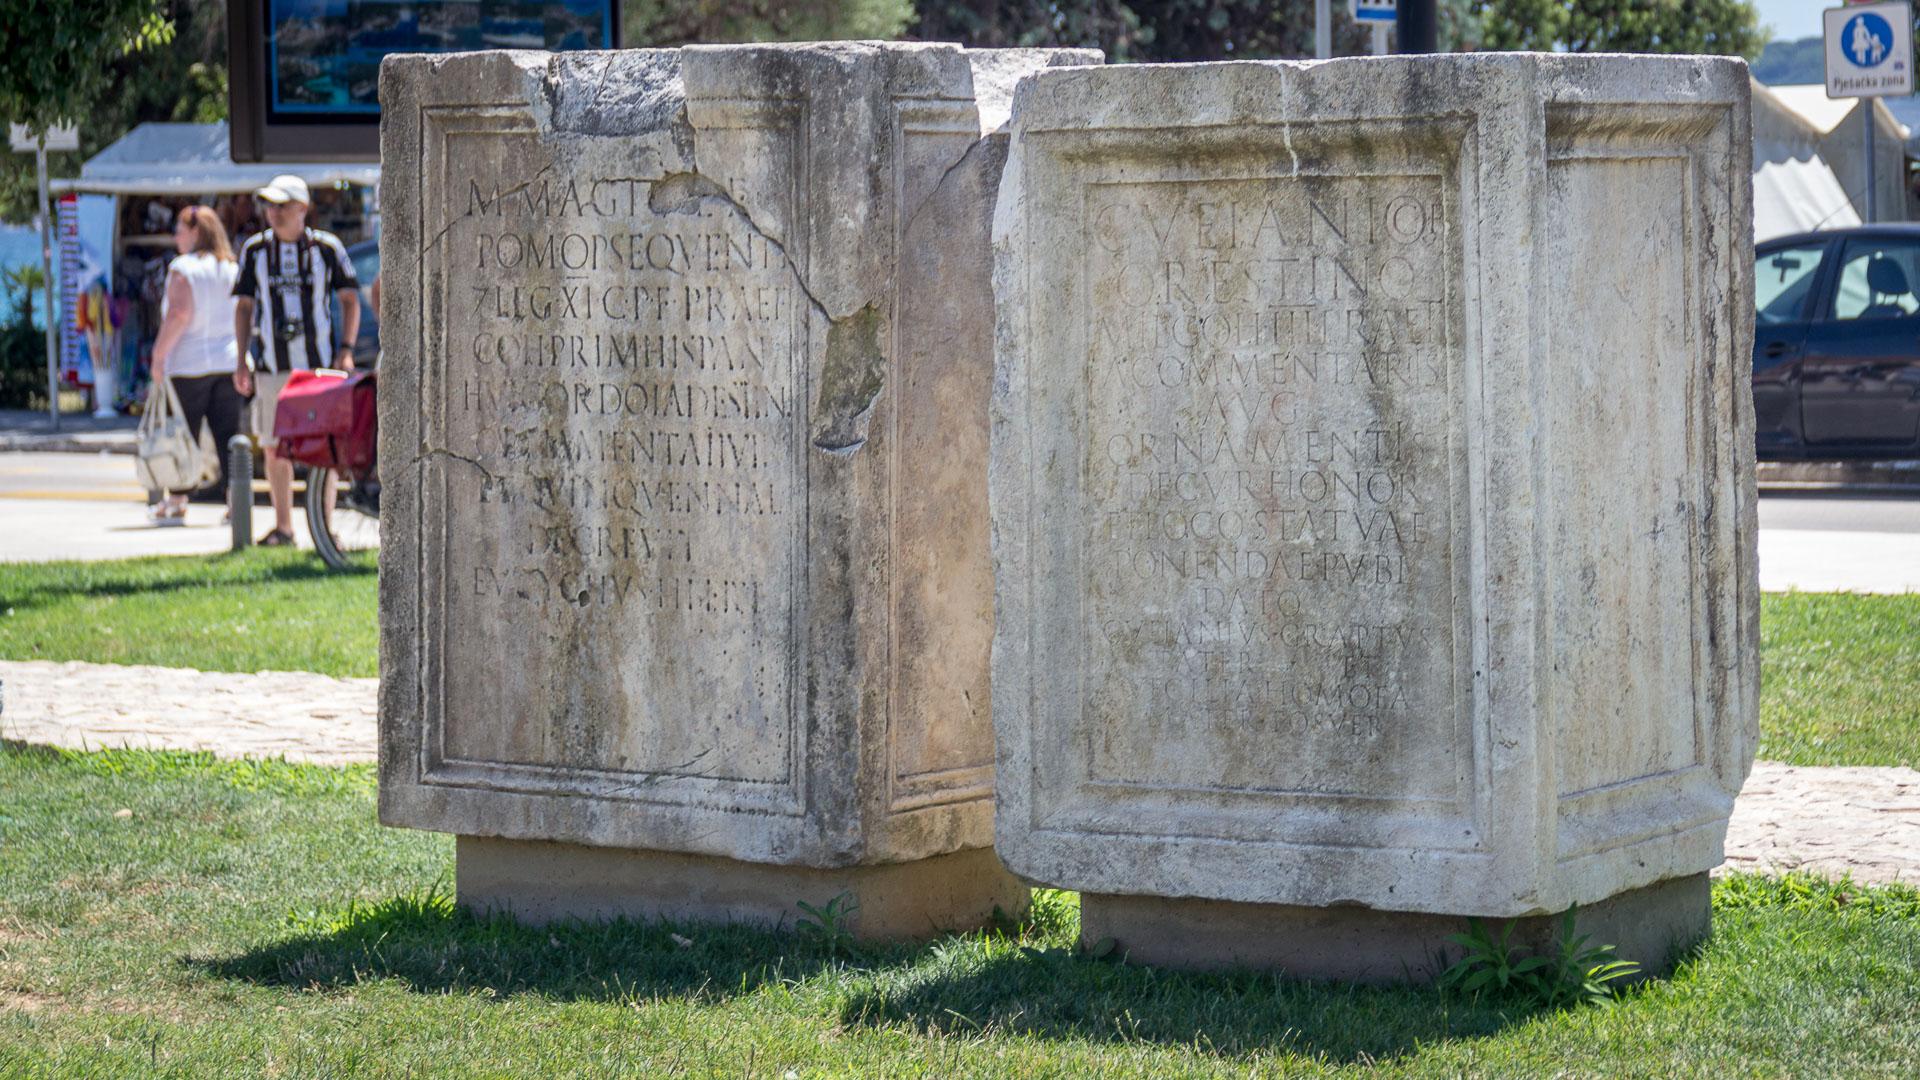 Steine mit Inschriften auf dem Forum